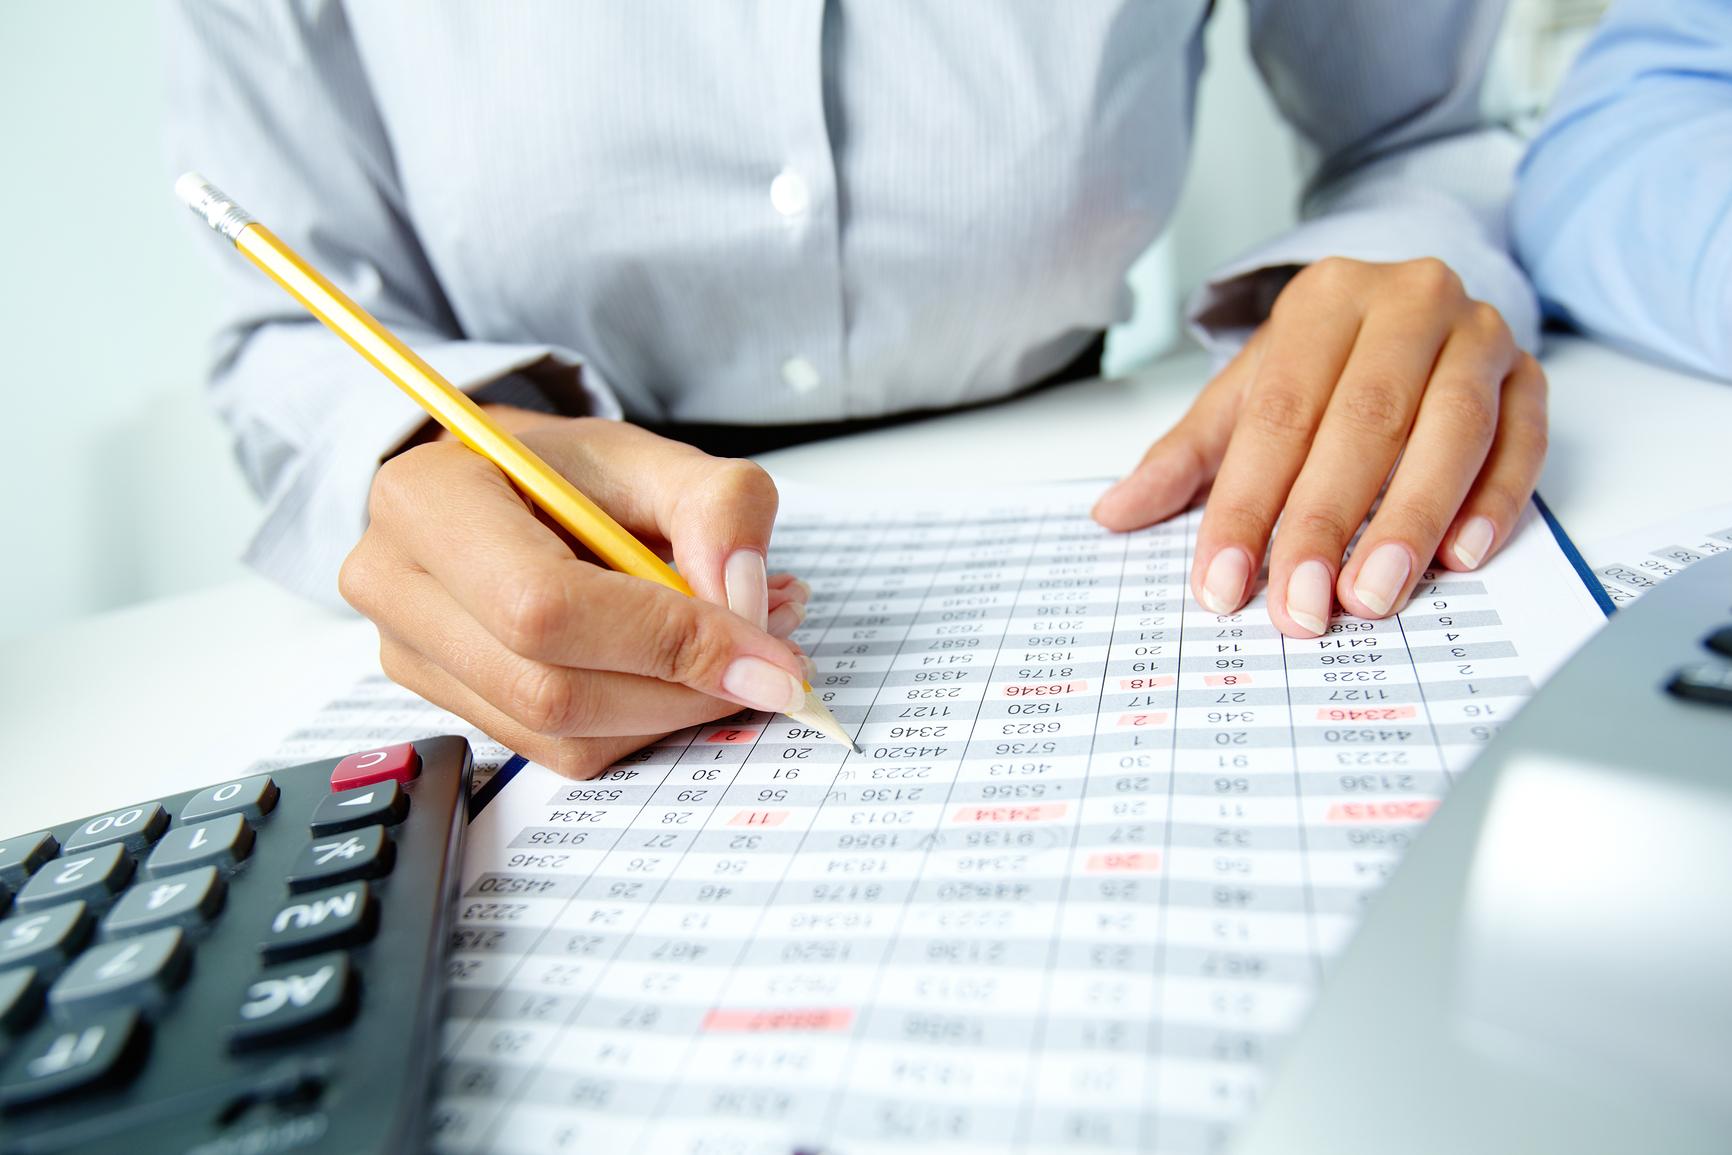 Бухгалтерский учет для индивидуального предпринимателя и юридических лиц